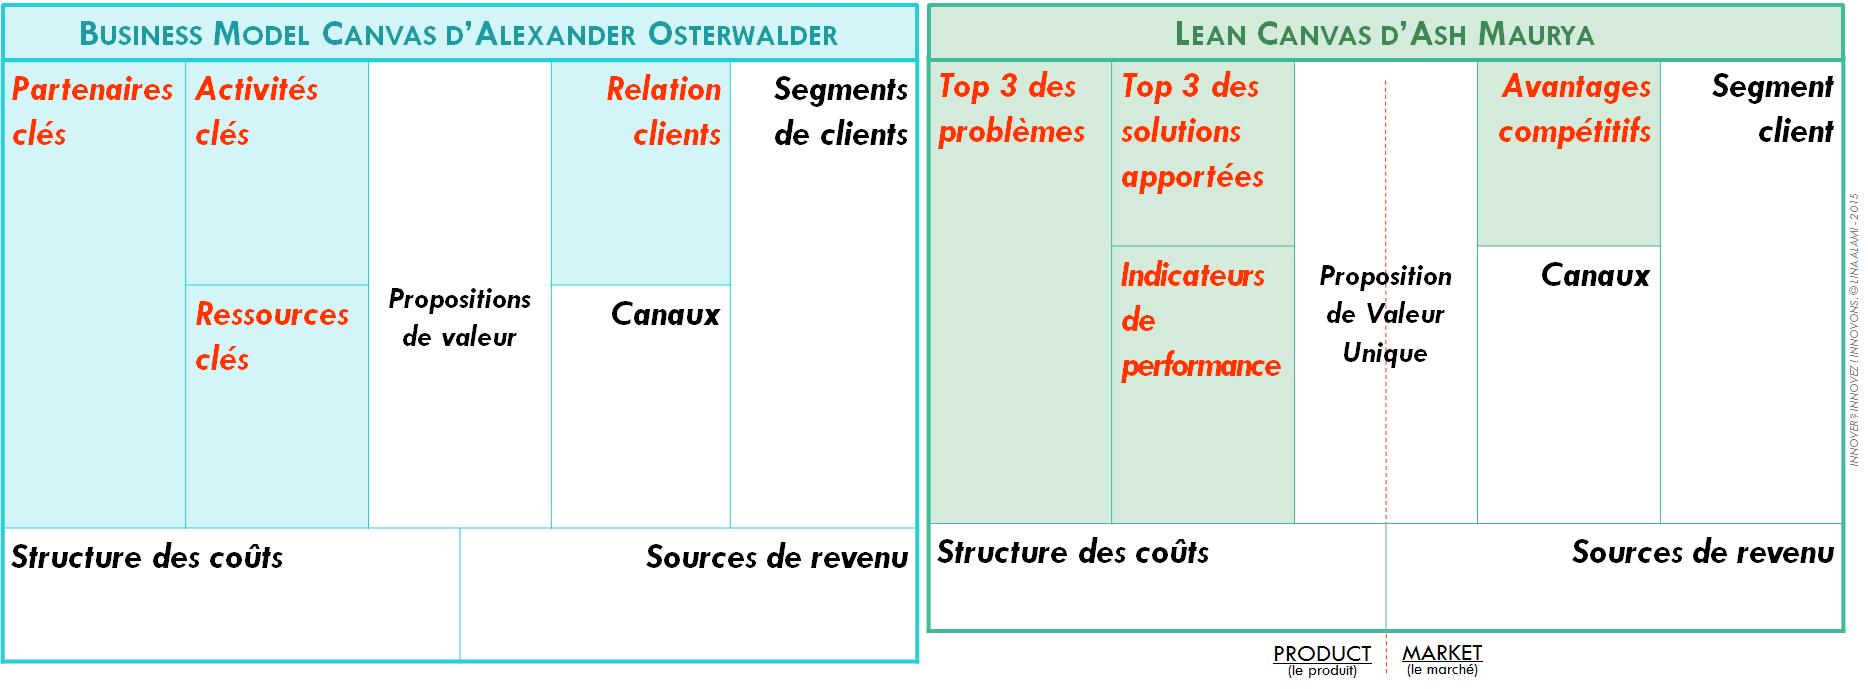 Comparaison Lean Canvas / Business Model Canvas - Lina Alami